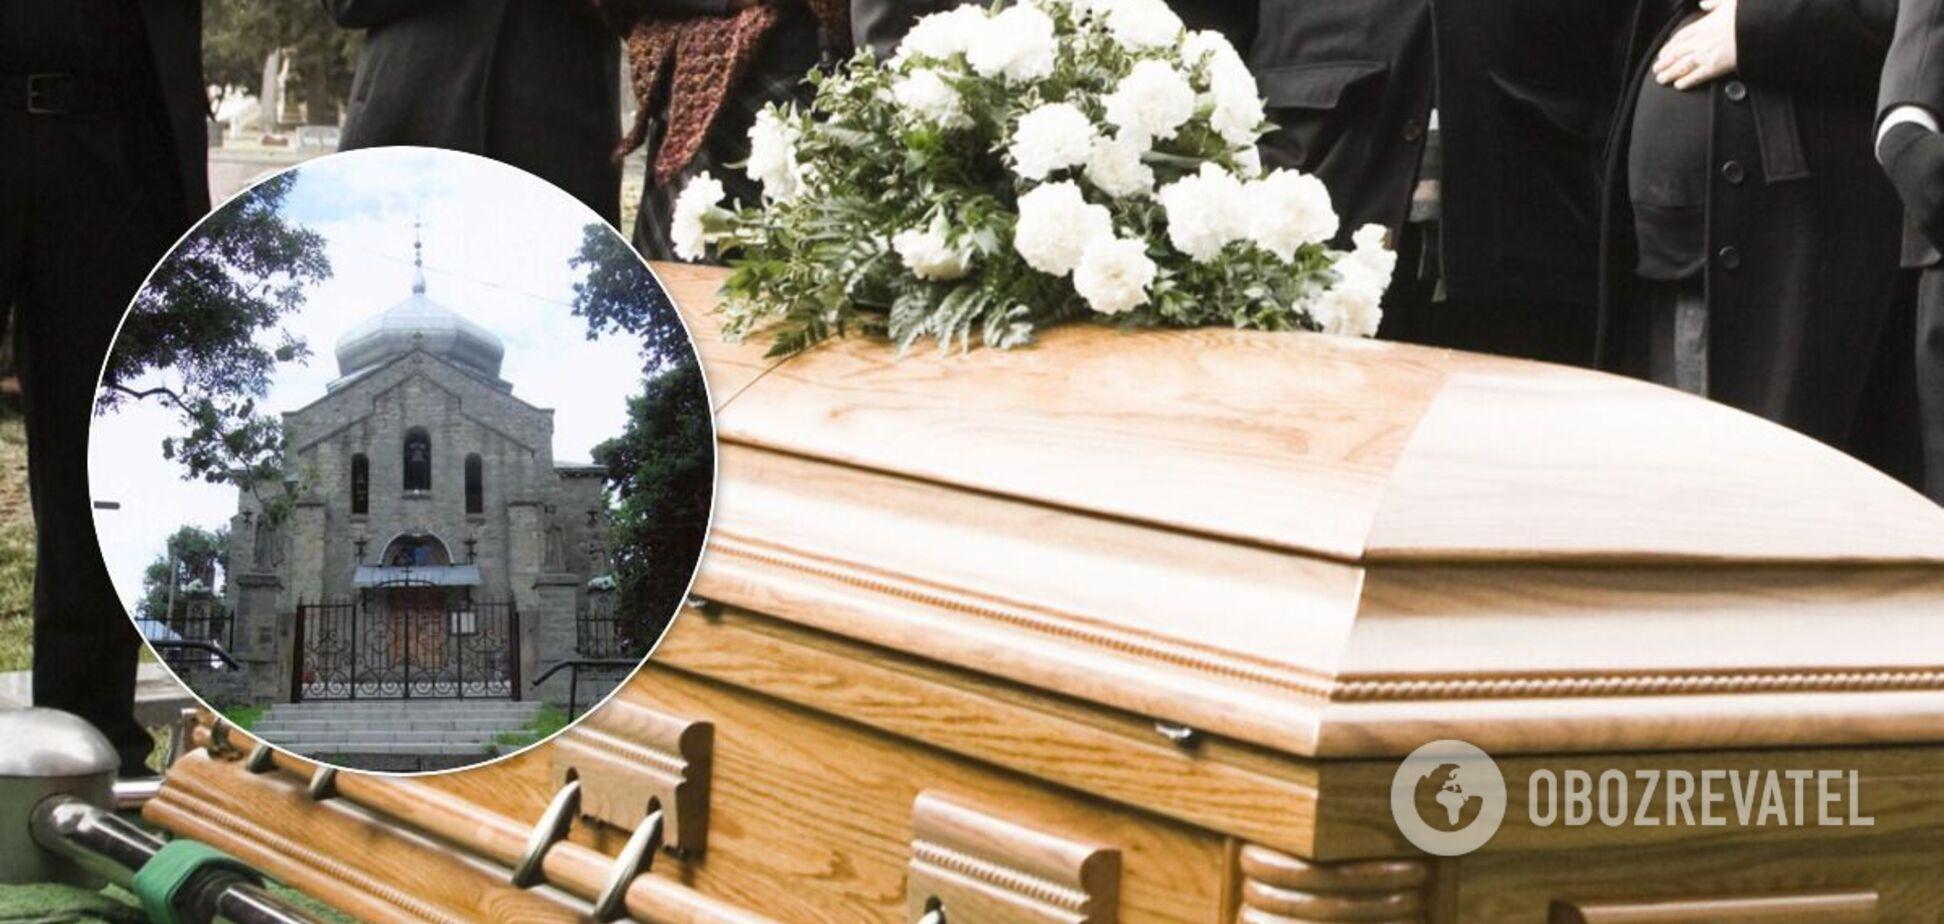 Перед похоронами у родных требуют заплатить долги